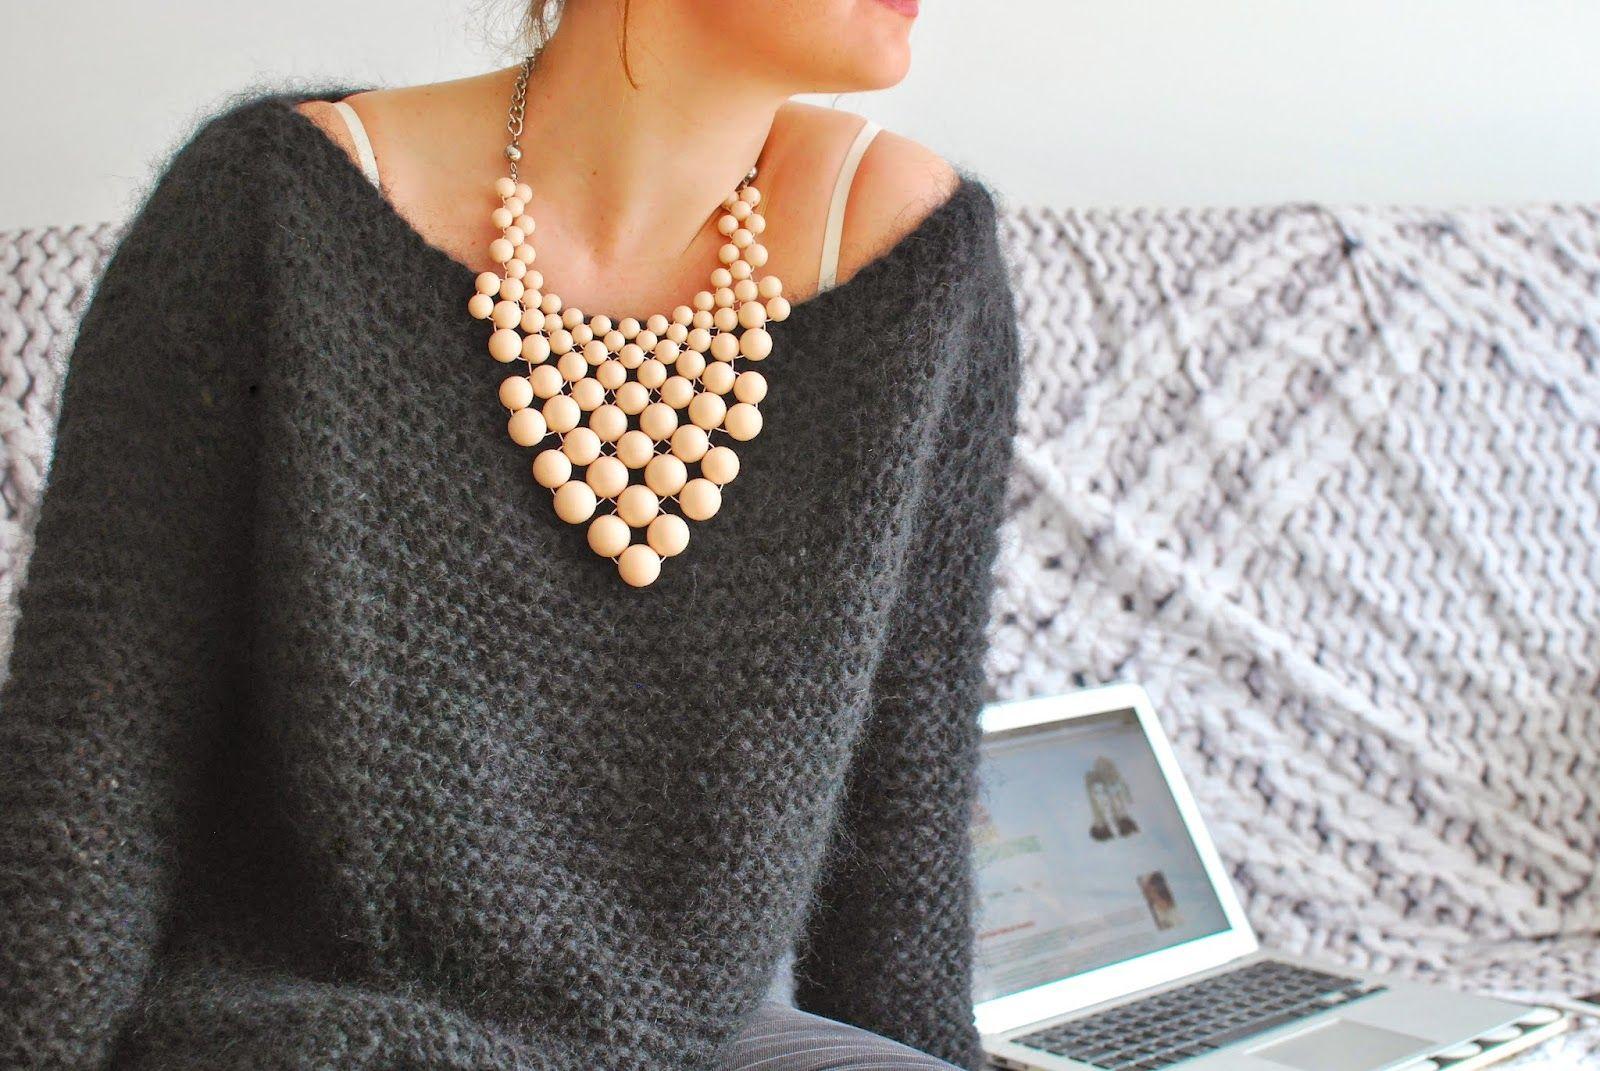 Vous souhaitez r aliser ce joli pull qui vous tiendra - Apprendre a tricoter un pull ...